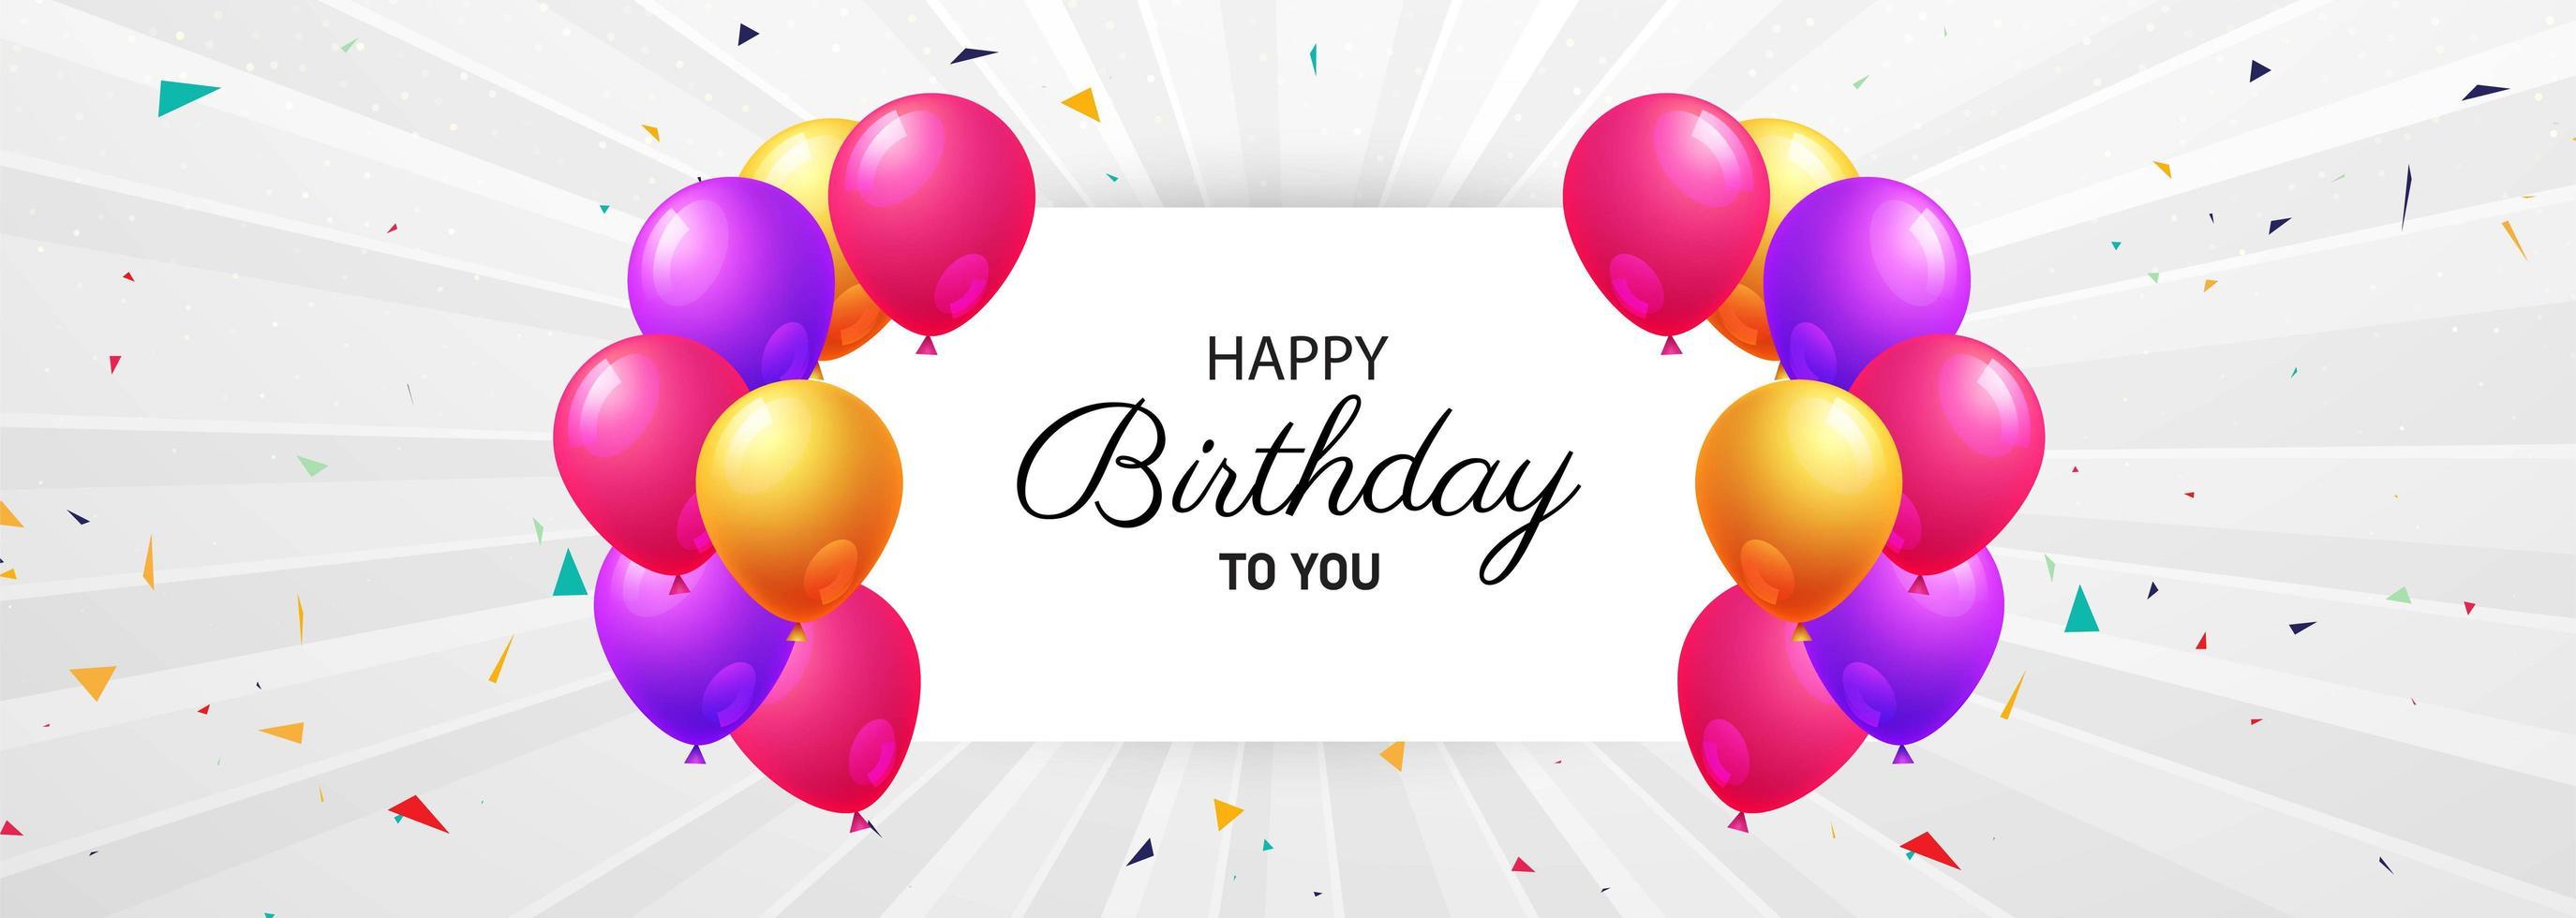 Carte De Joyeux Anniversaire Avec Des Ballons Telecharger Vectoriel Gratuit Clipart Graphique Vecteur Dessins Et Pictogramme Gratuit